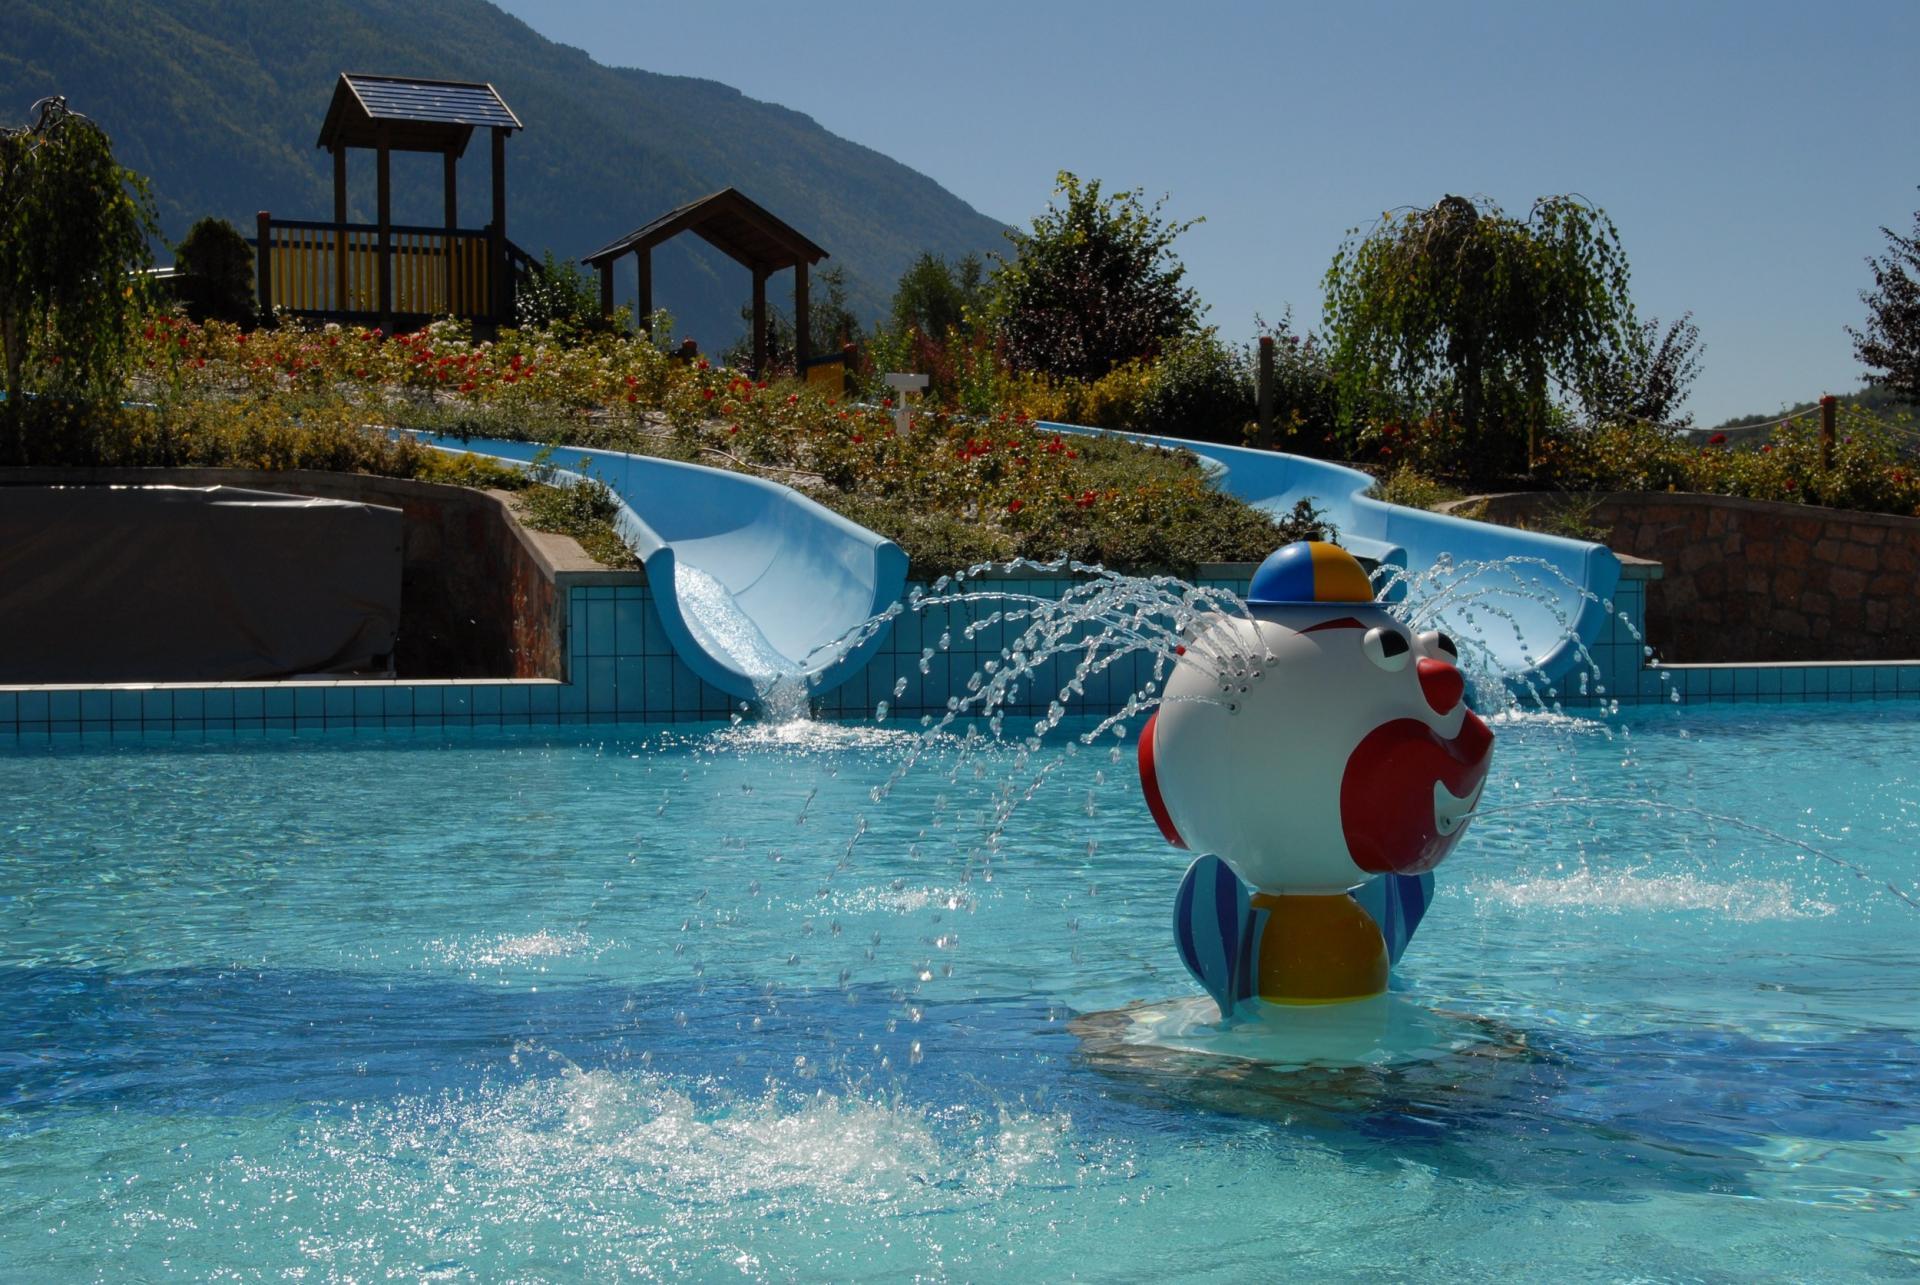 acqua park Molveno